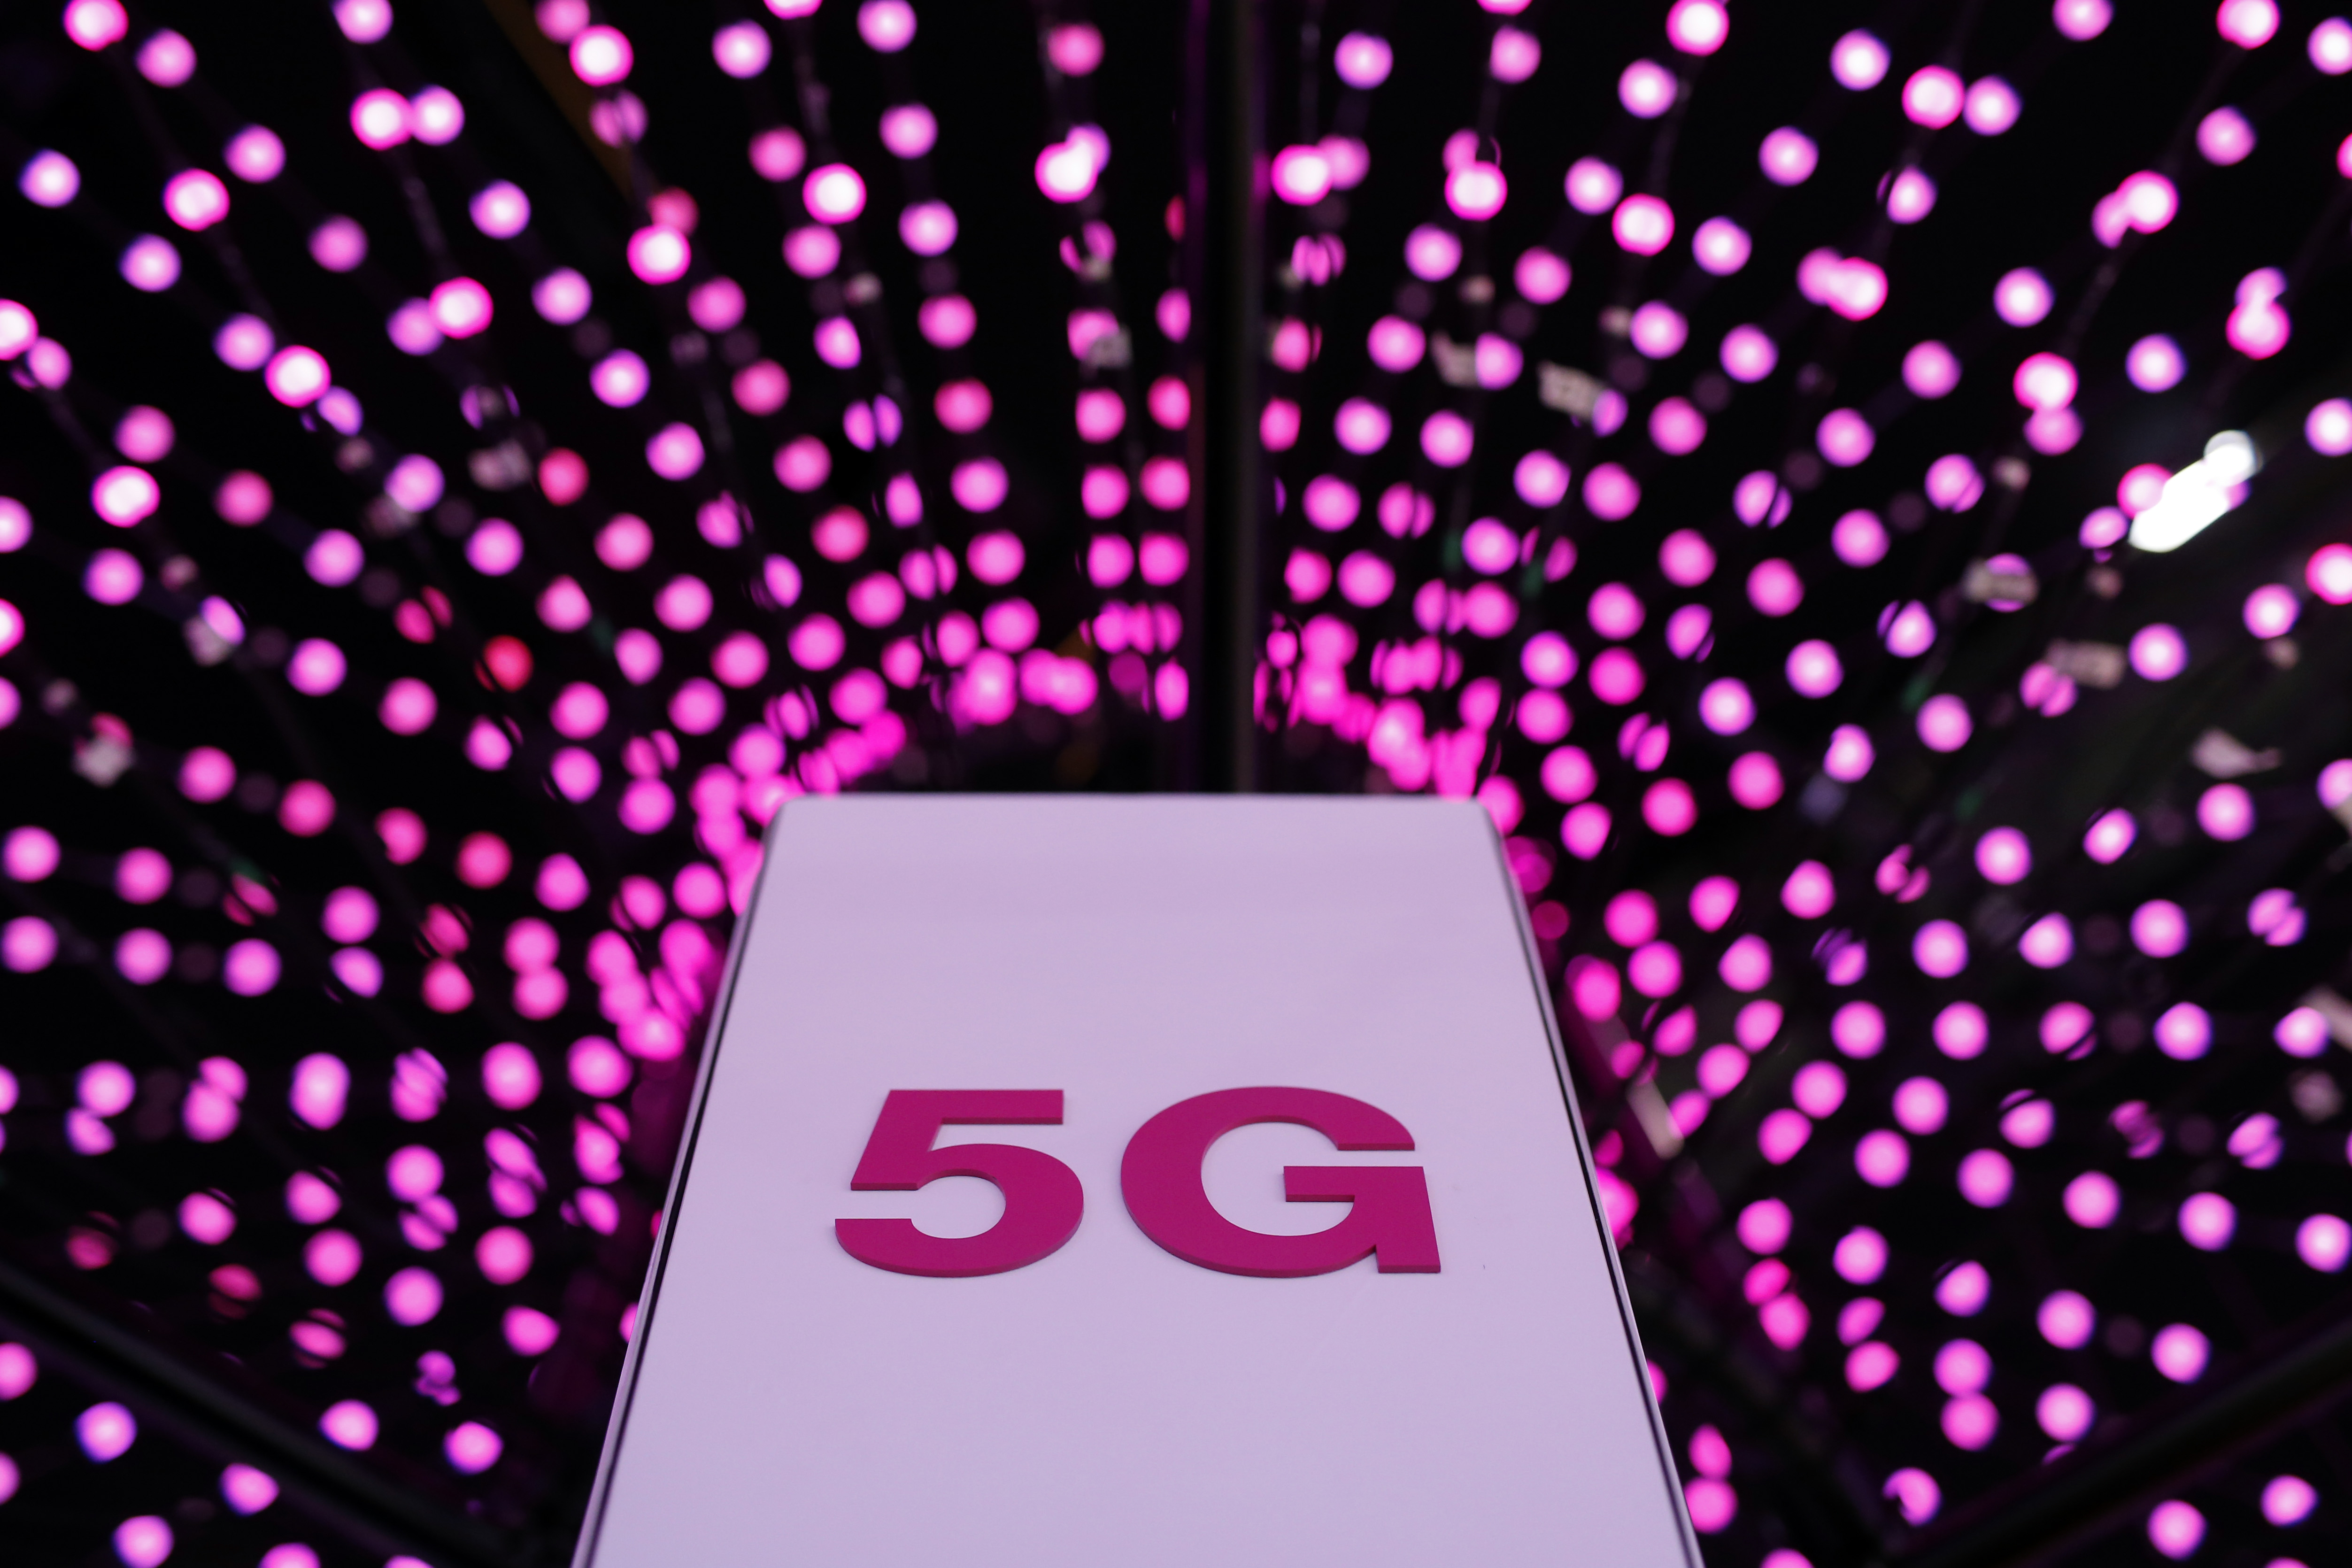 5G手機明年問世 對你意味著甚麼